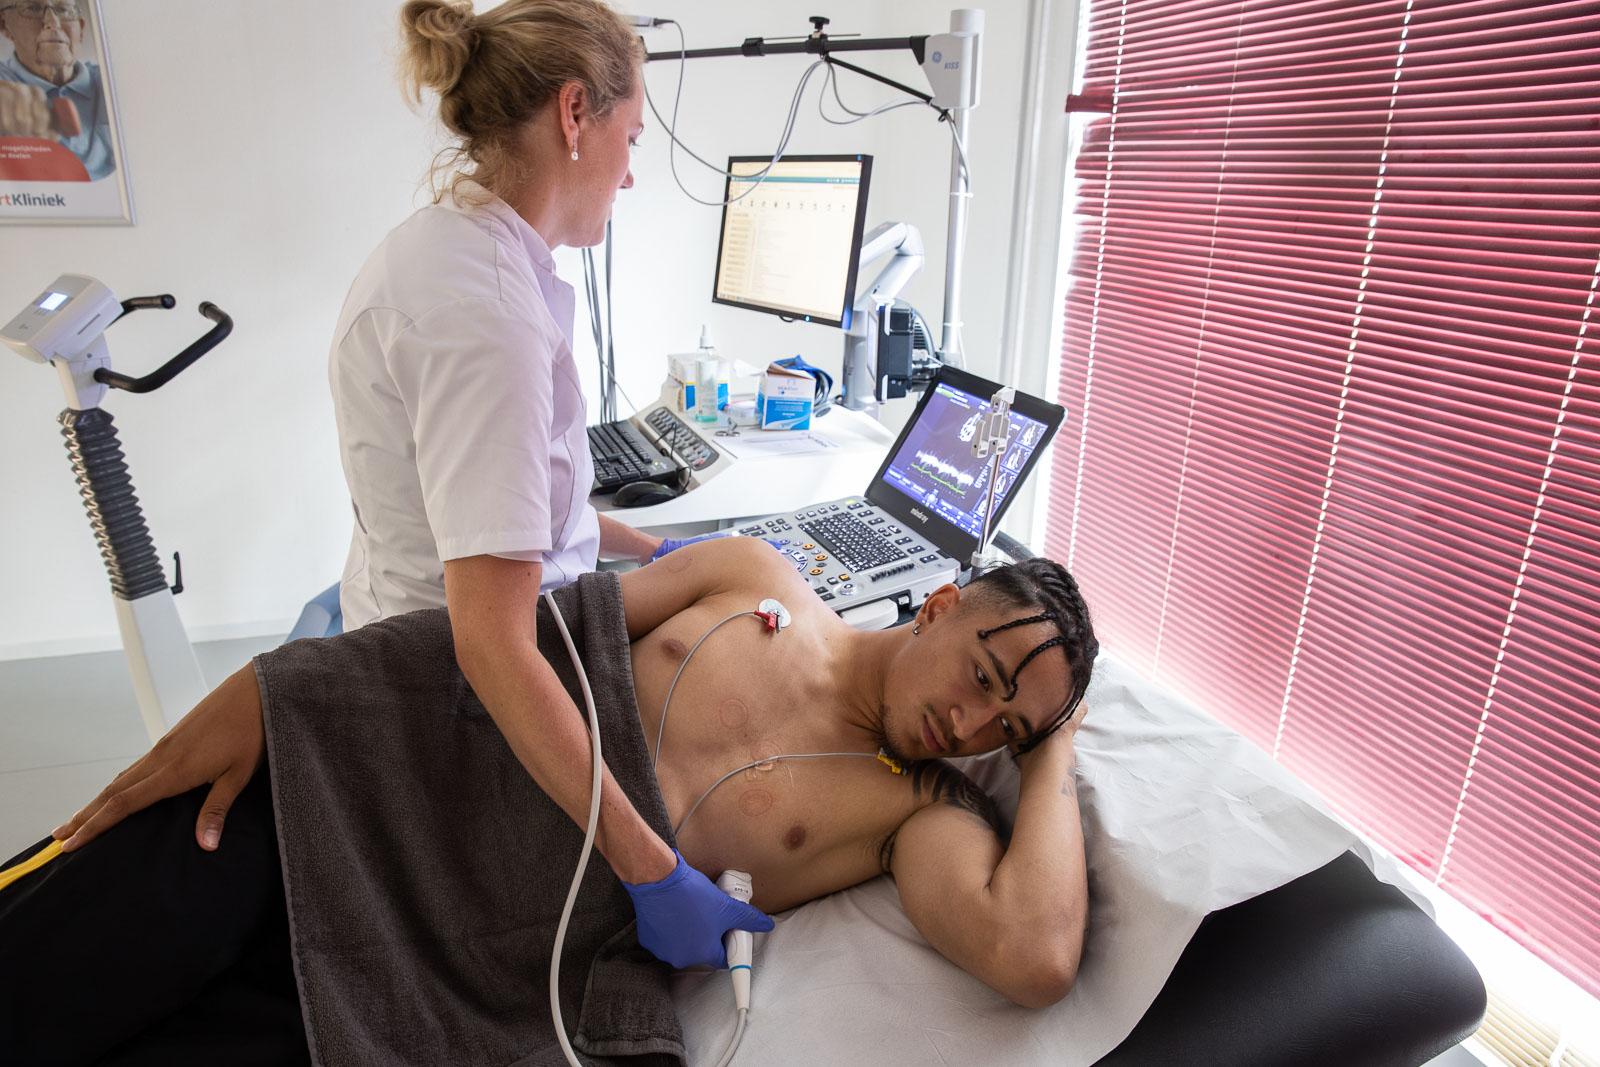 HartKliniek als partner voor cardiale screening eerste elftal